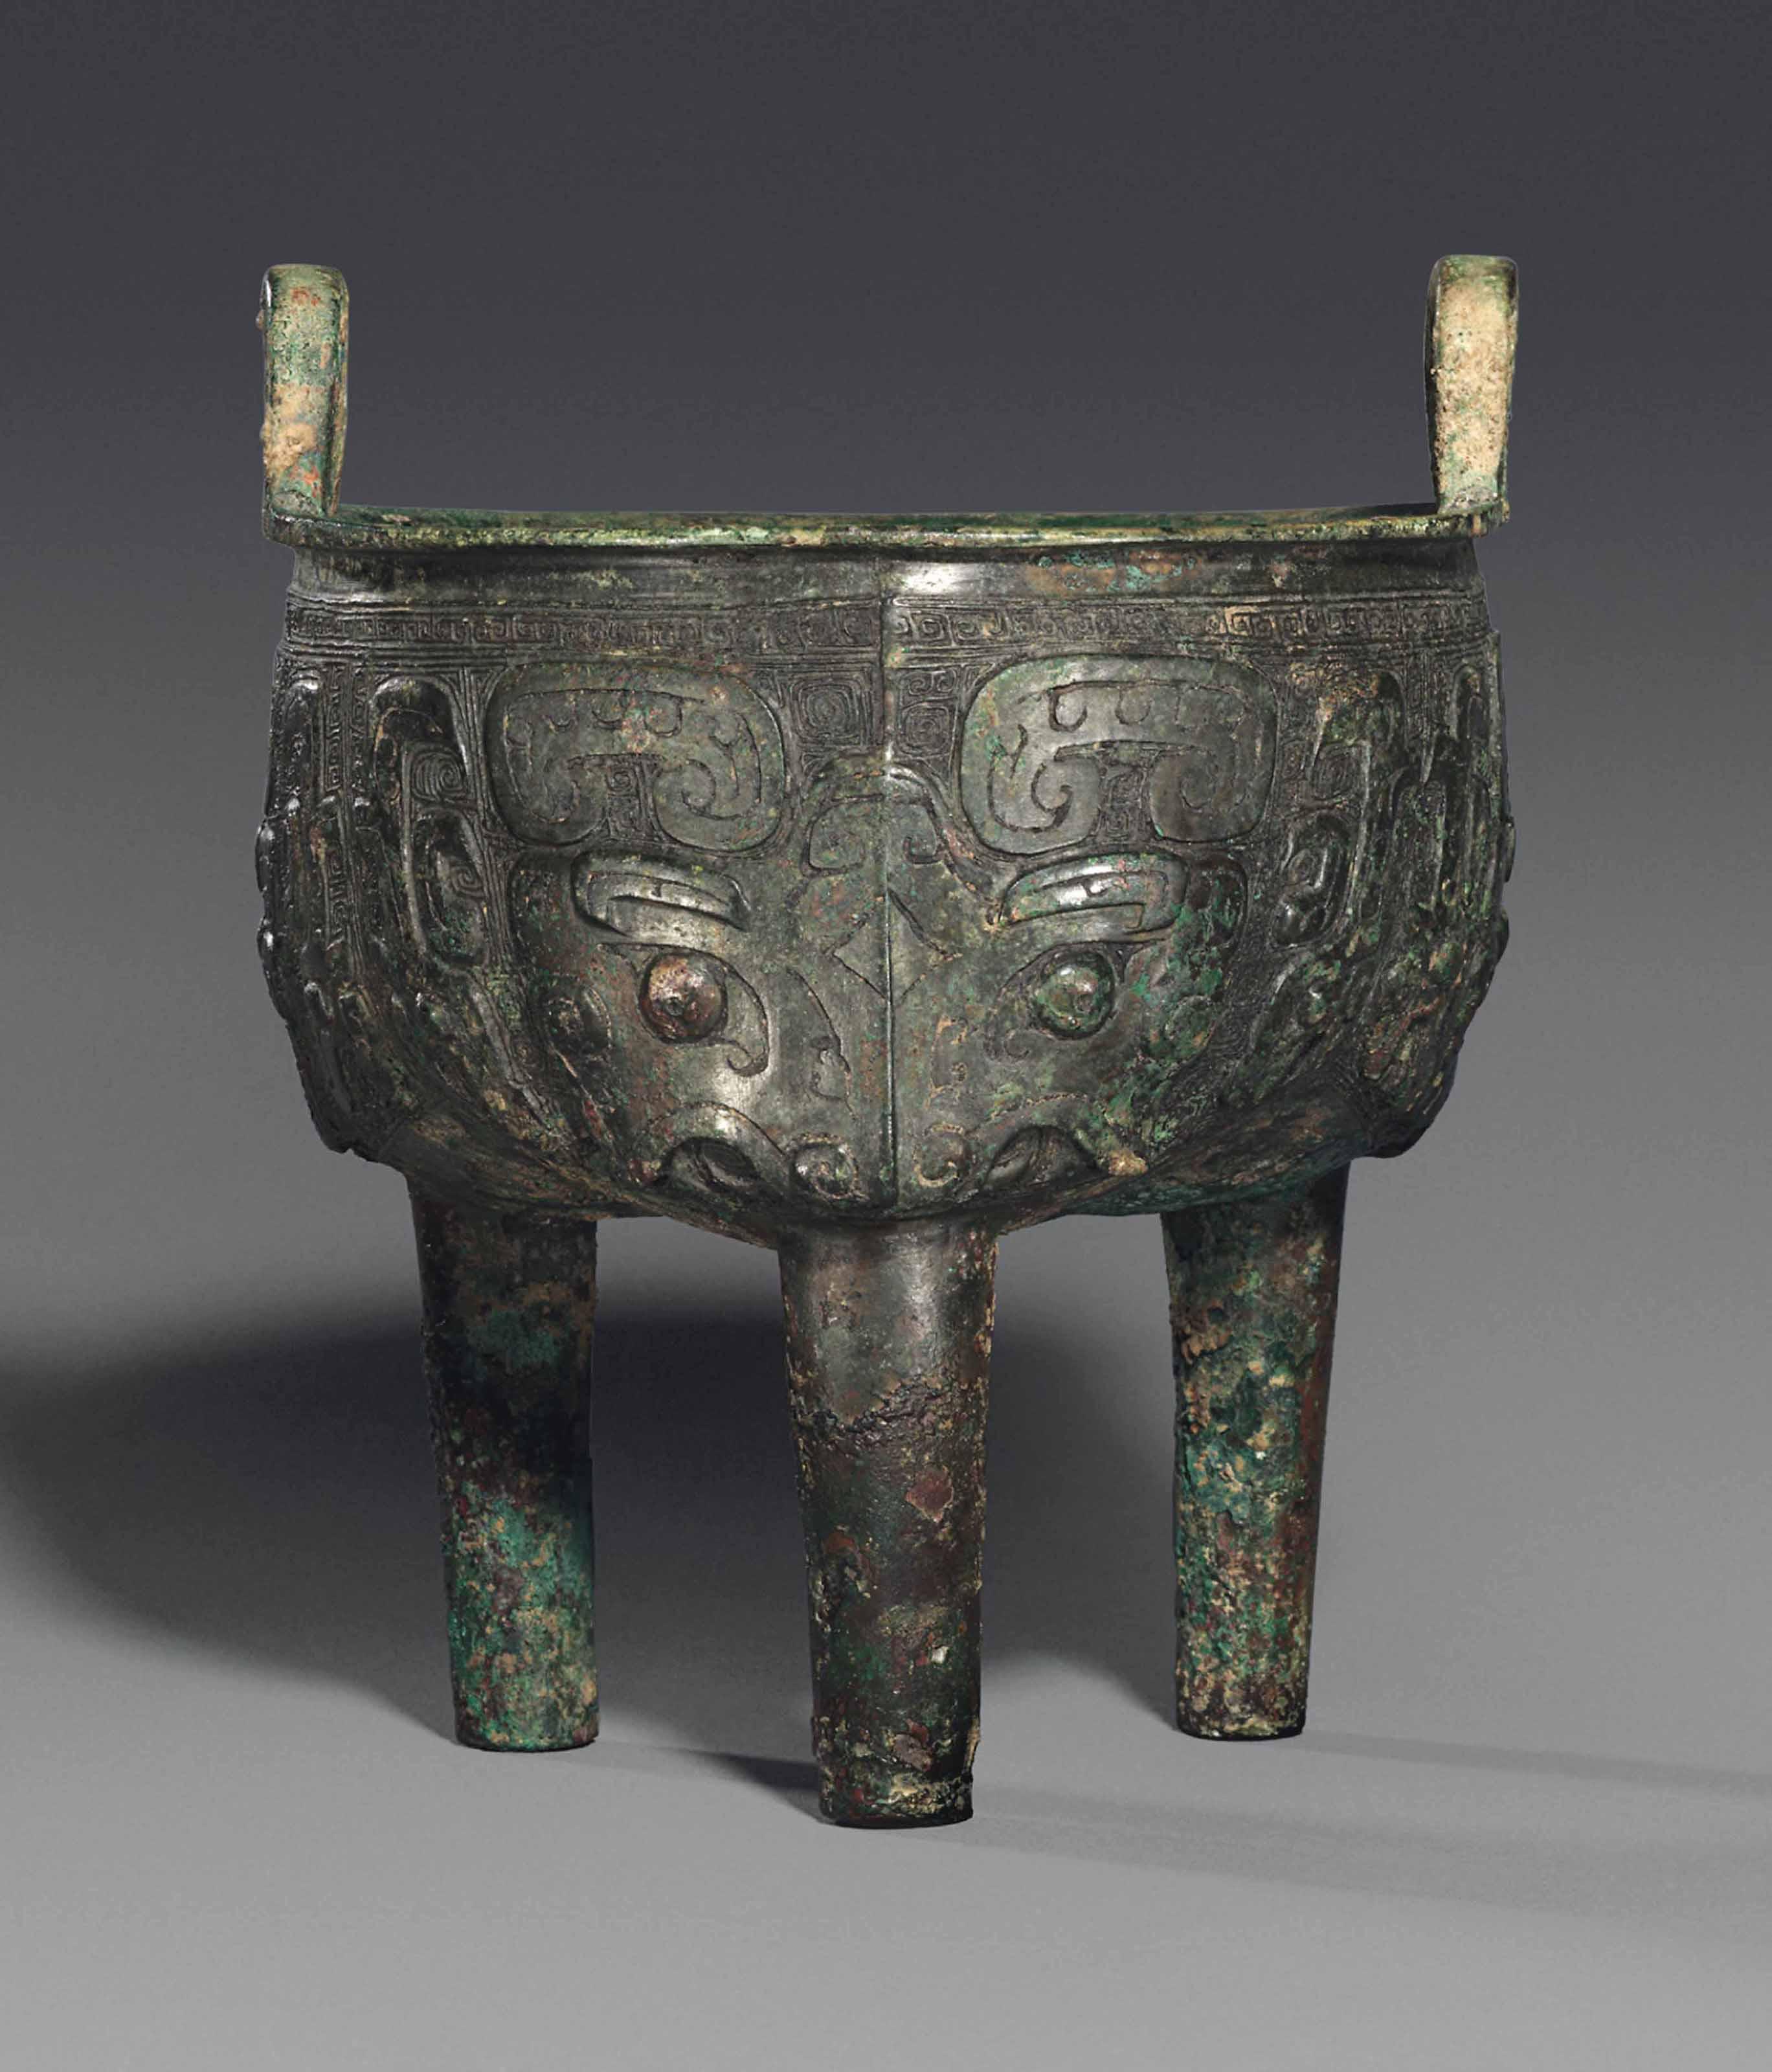 Vintage Brass Pedestal Oval Bowl Dish Urn Footed Vessel